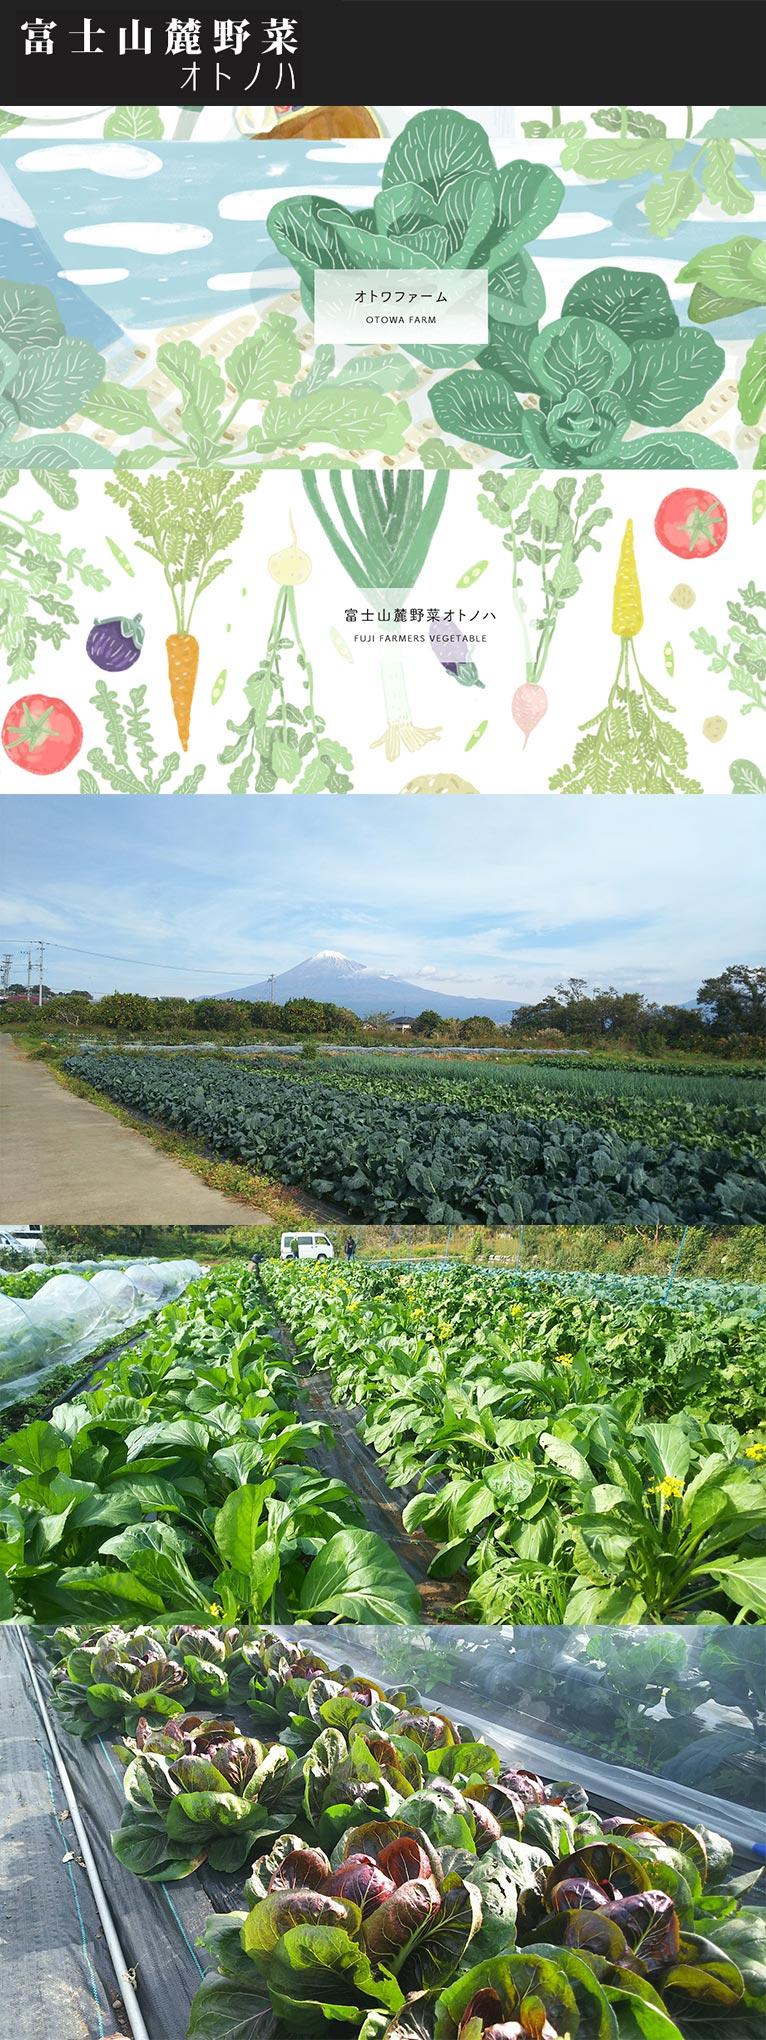 通信販売サイト 富士山麓野菜オトノハ